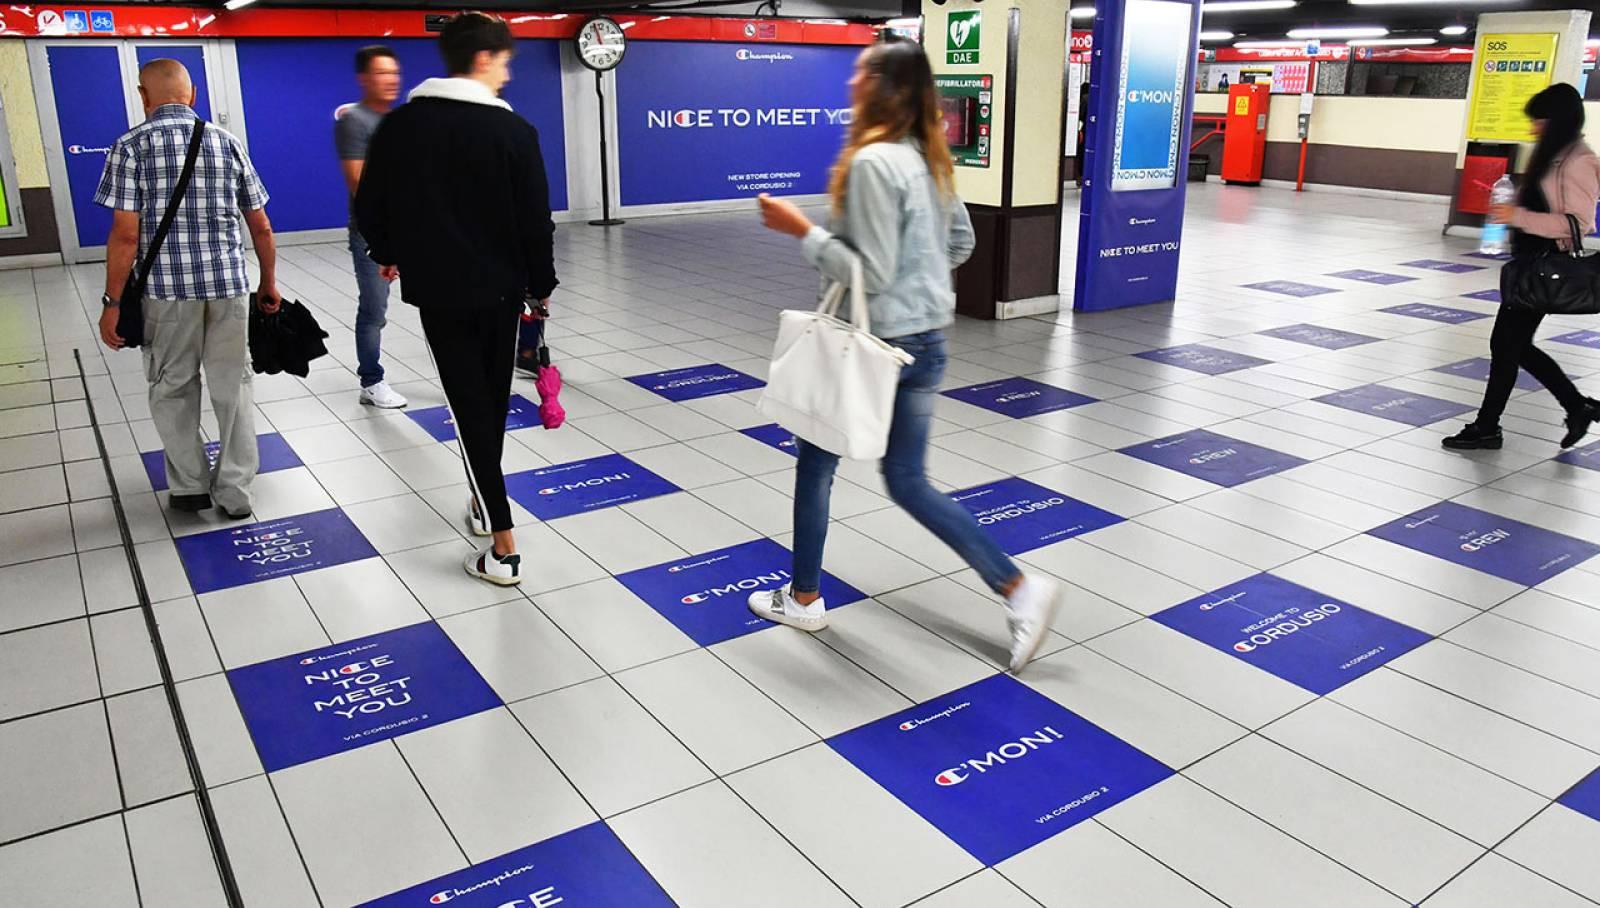 Pubblicità metro milanese IGPDecaux Station Domination per Champion